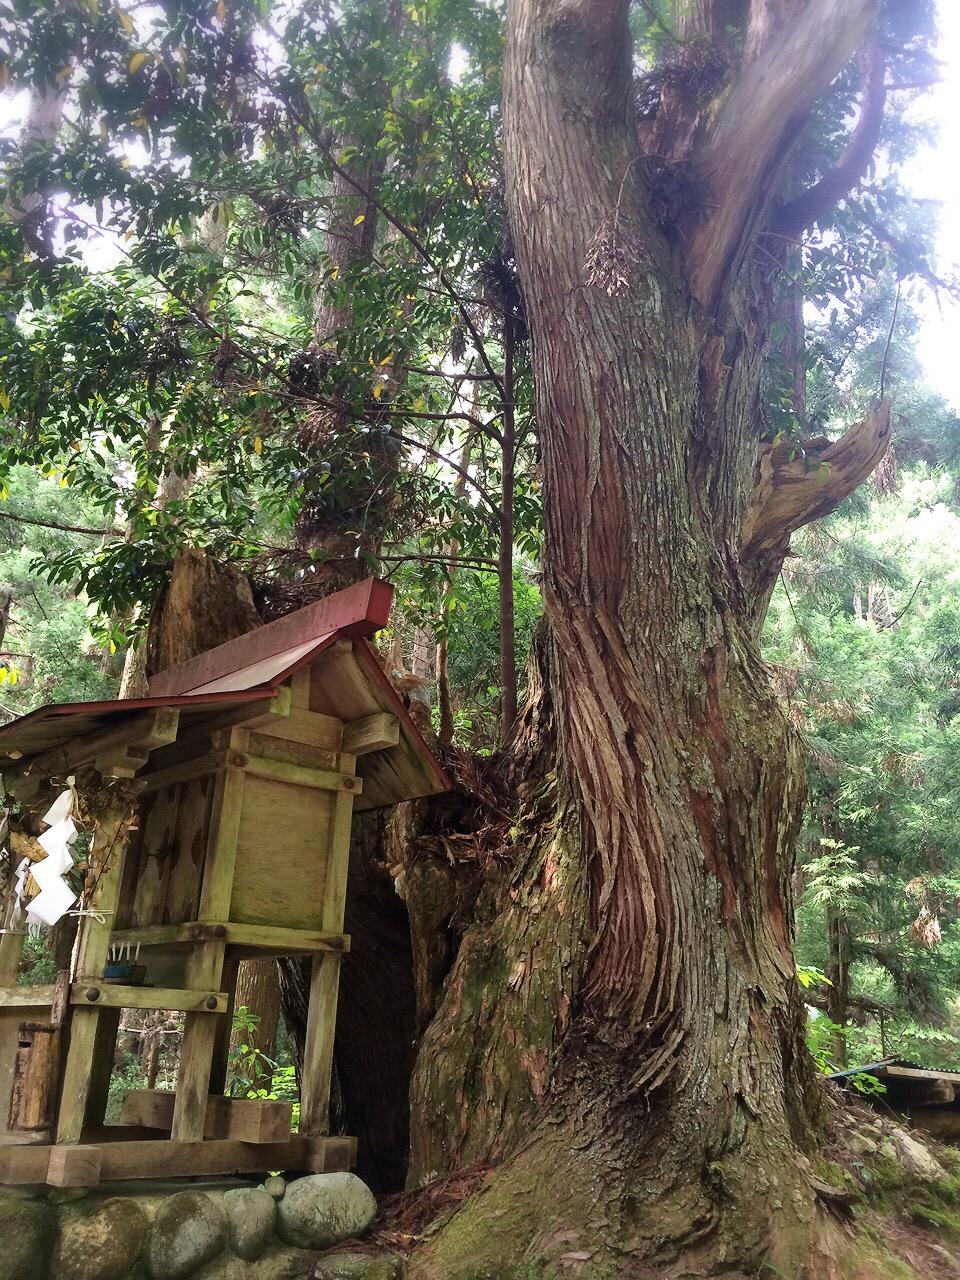 株杉の森の巨大な株杉